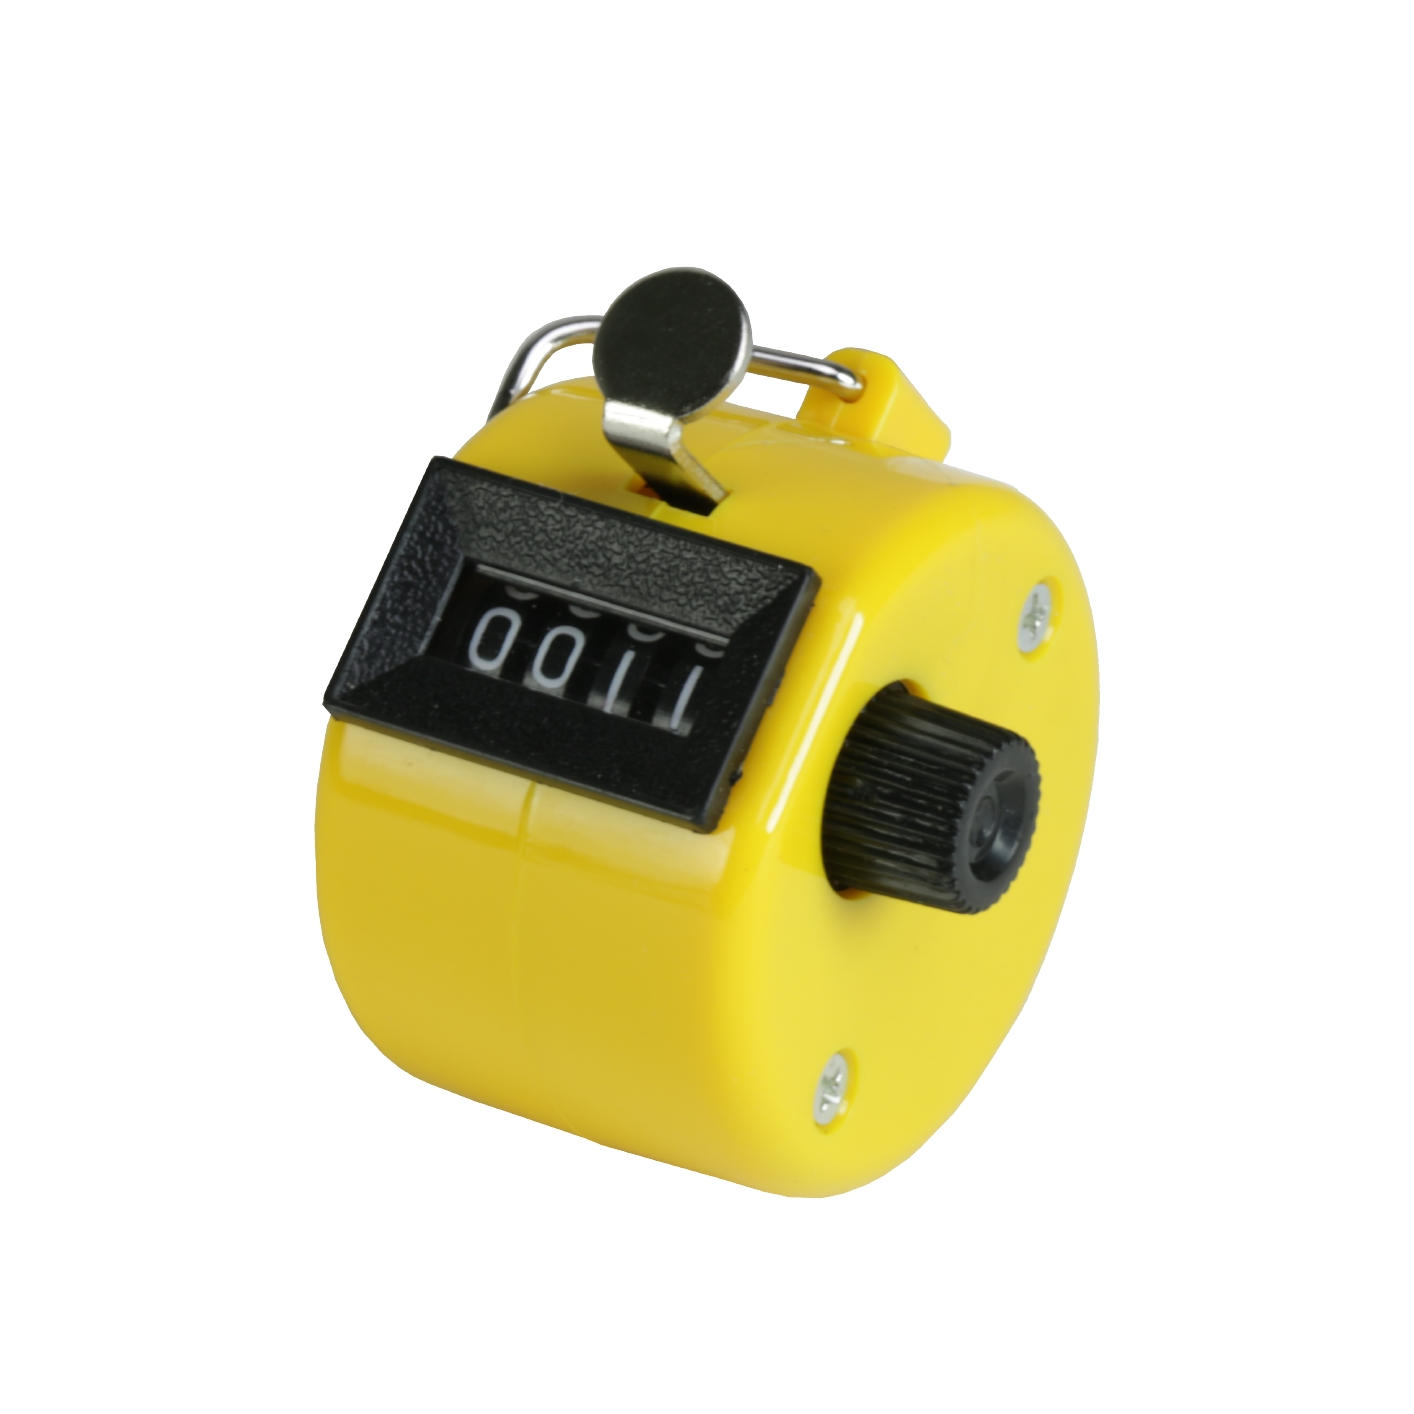 Licznik ręczny economy 0-9999, obudowa z tworzywa sztucznego w kolorze żółtym 1-7511